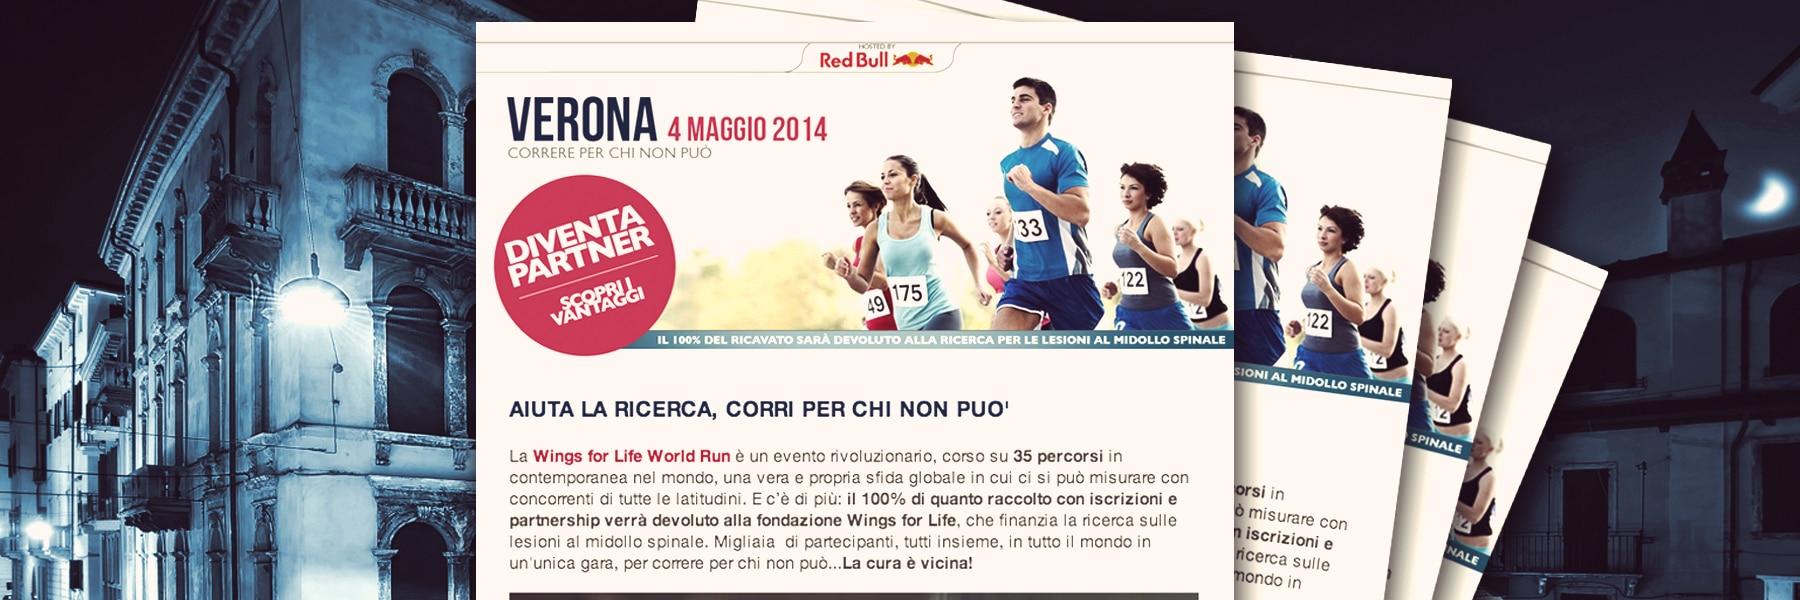 Digital: Red Bull Wings For Life World Run DEM